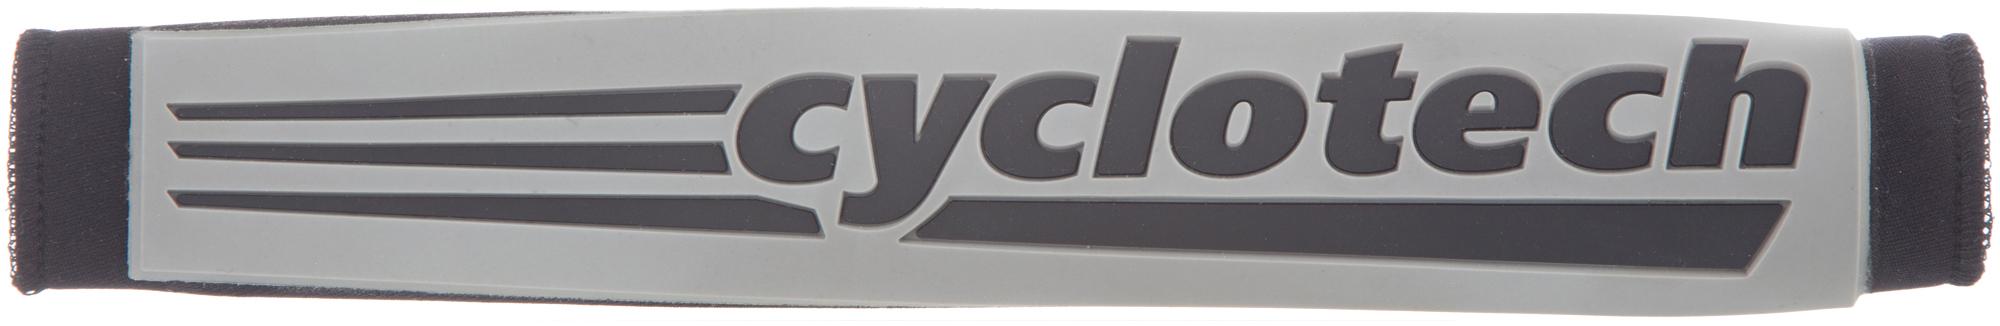 Cyclotech Неопреновая защита перьев Cyclotech поддержка локтя elastic elbow support